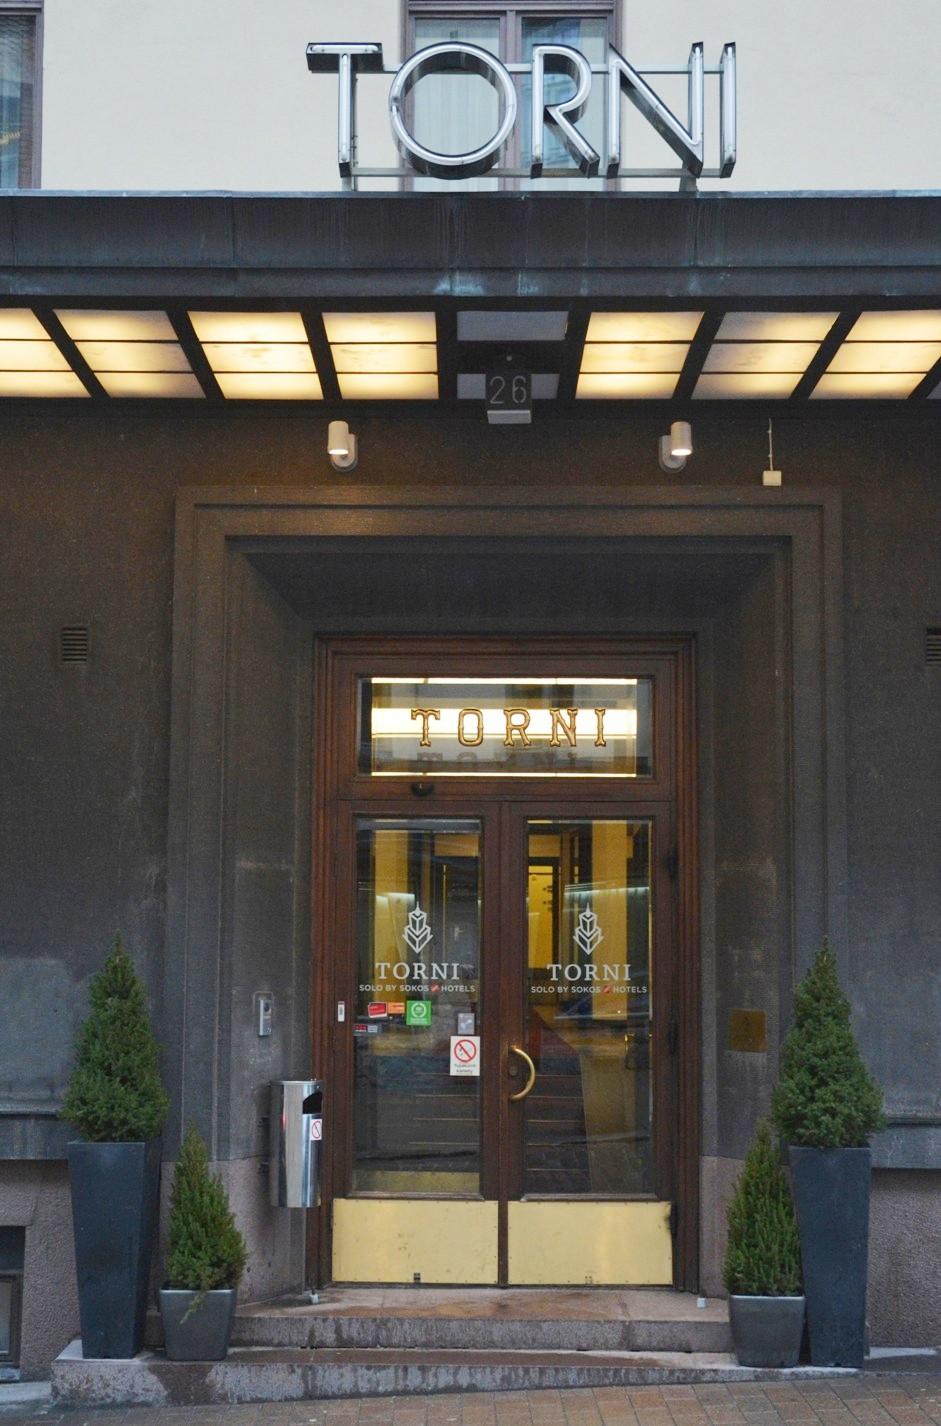 Puerta principal de acceso al hotel Torni